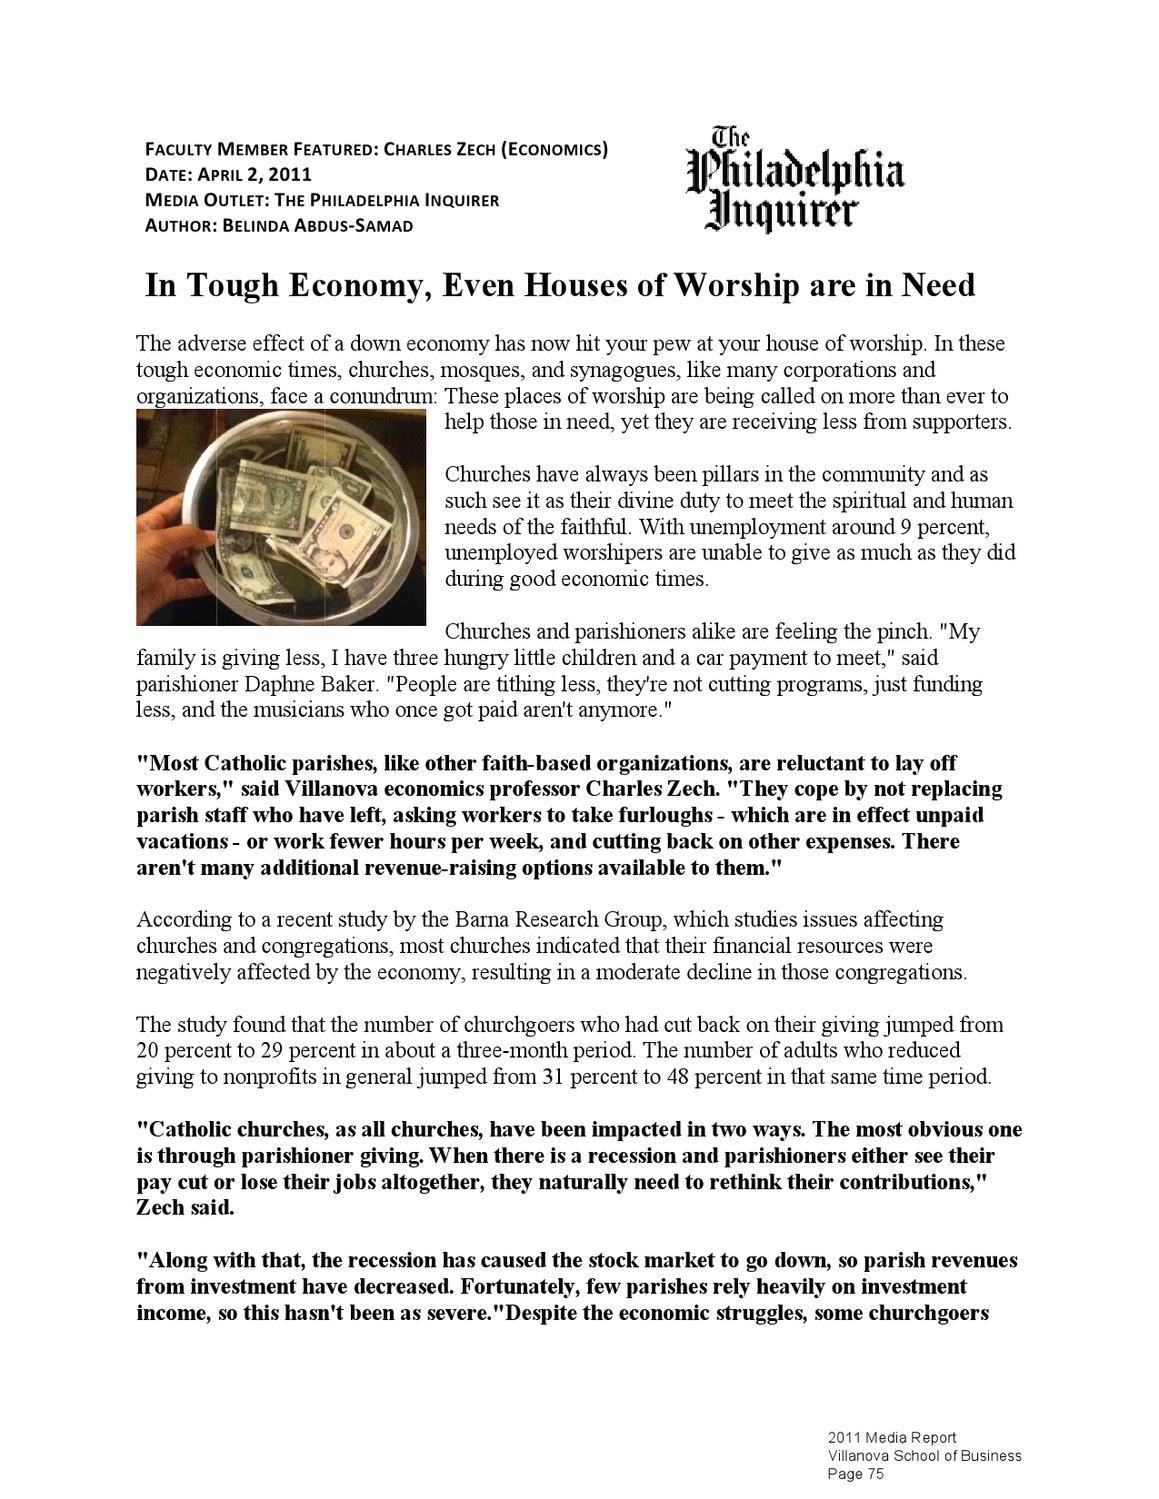 2011 VSB Media Report by Villanova School of Business - issuu